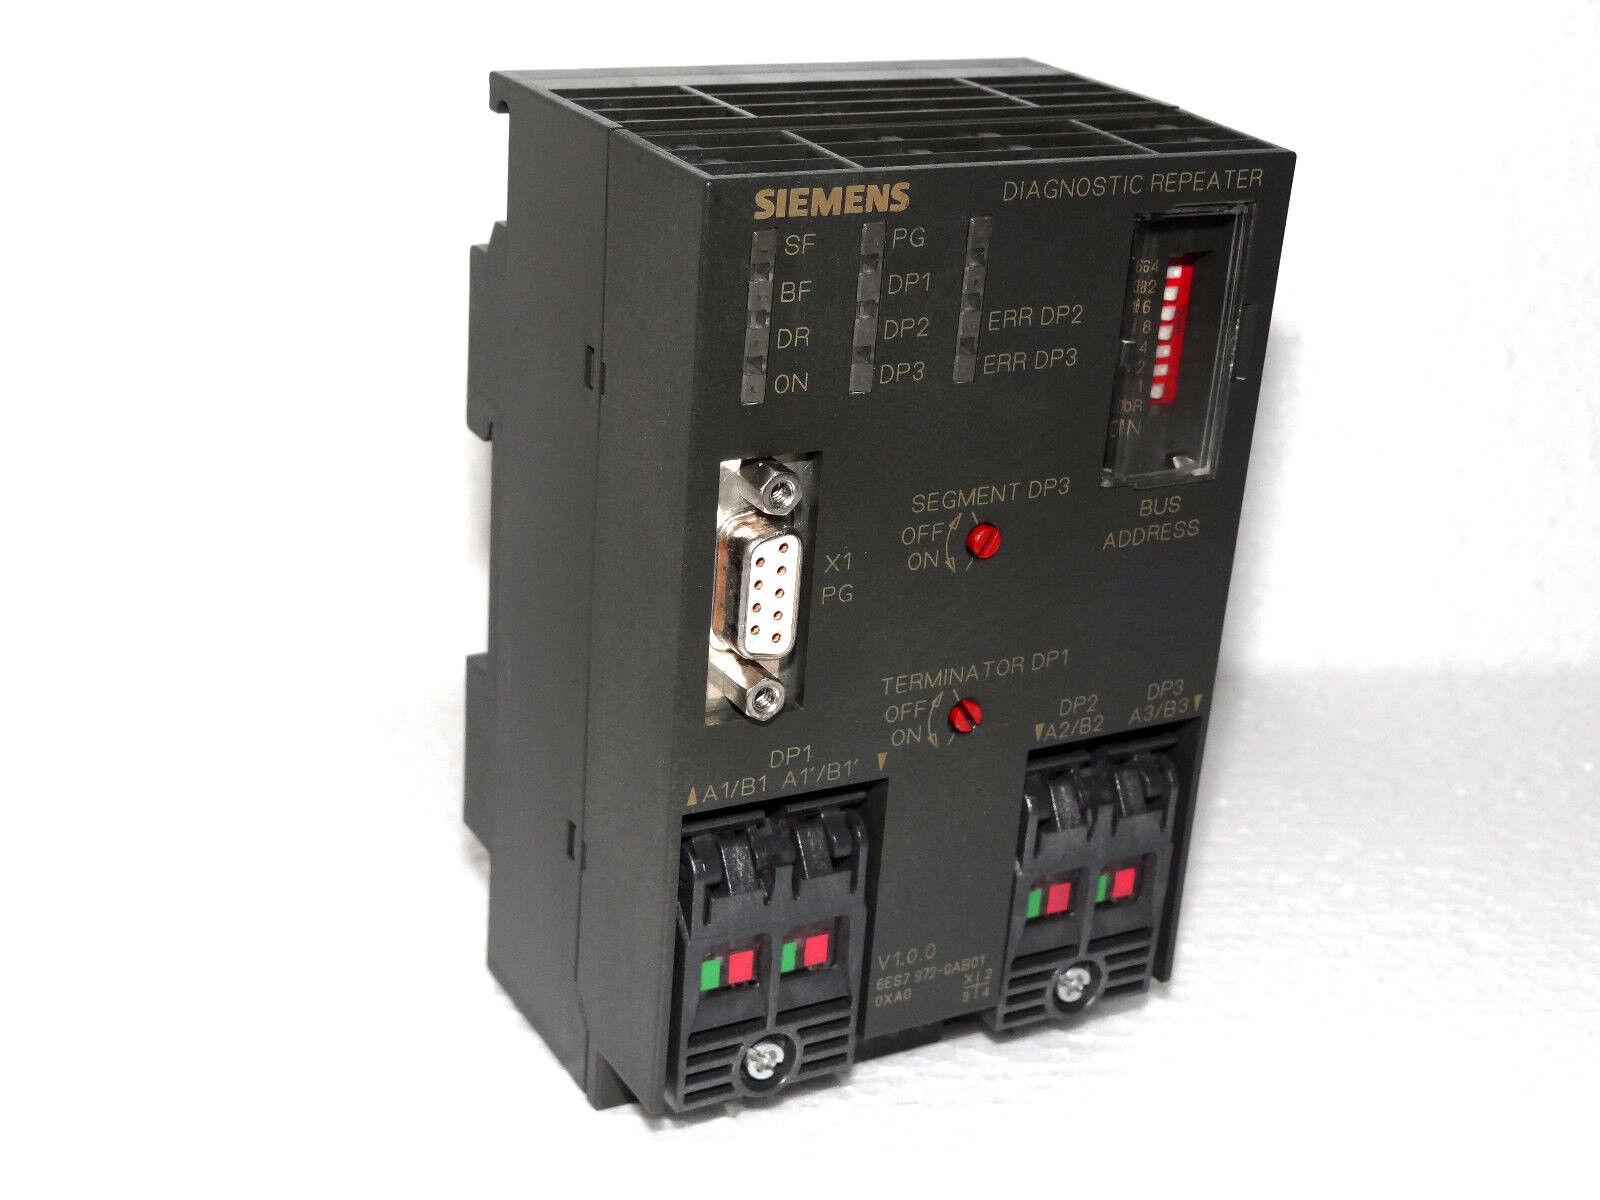 Siemens Simatic S7 6es7 972 0ab01 0xa0 Diagnostic Répéteur 6es7972